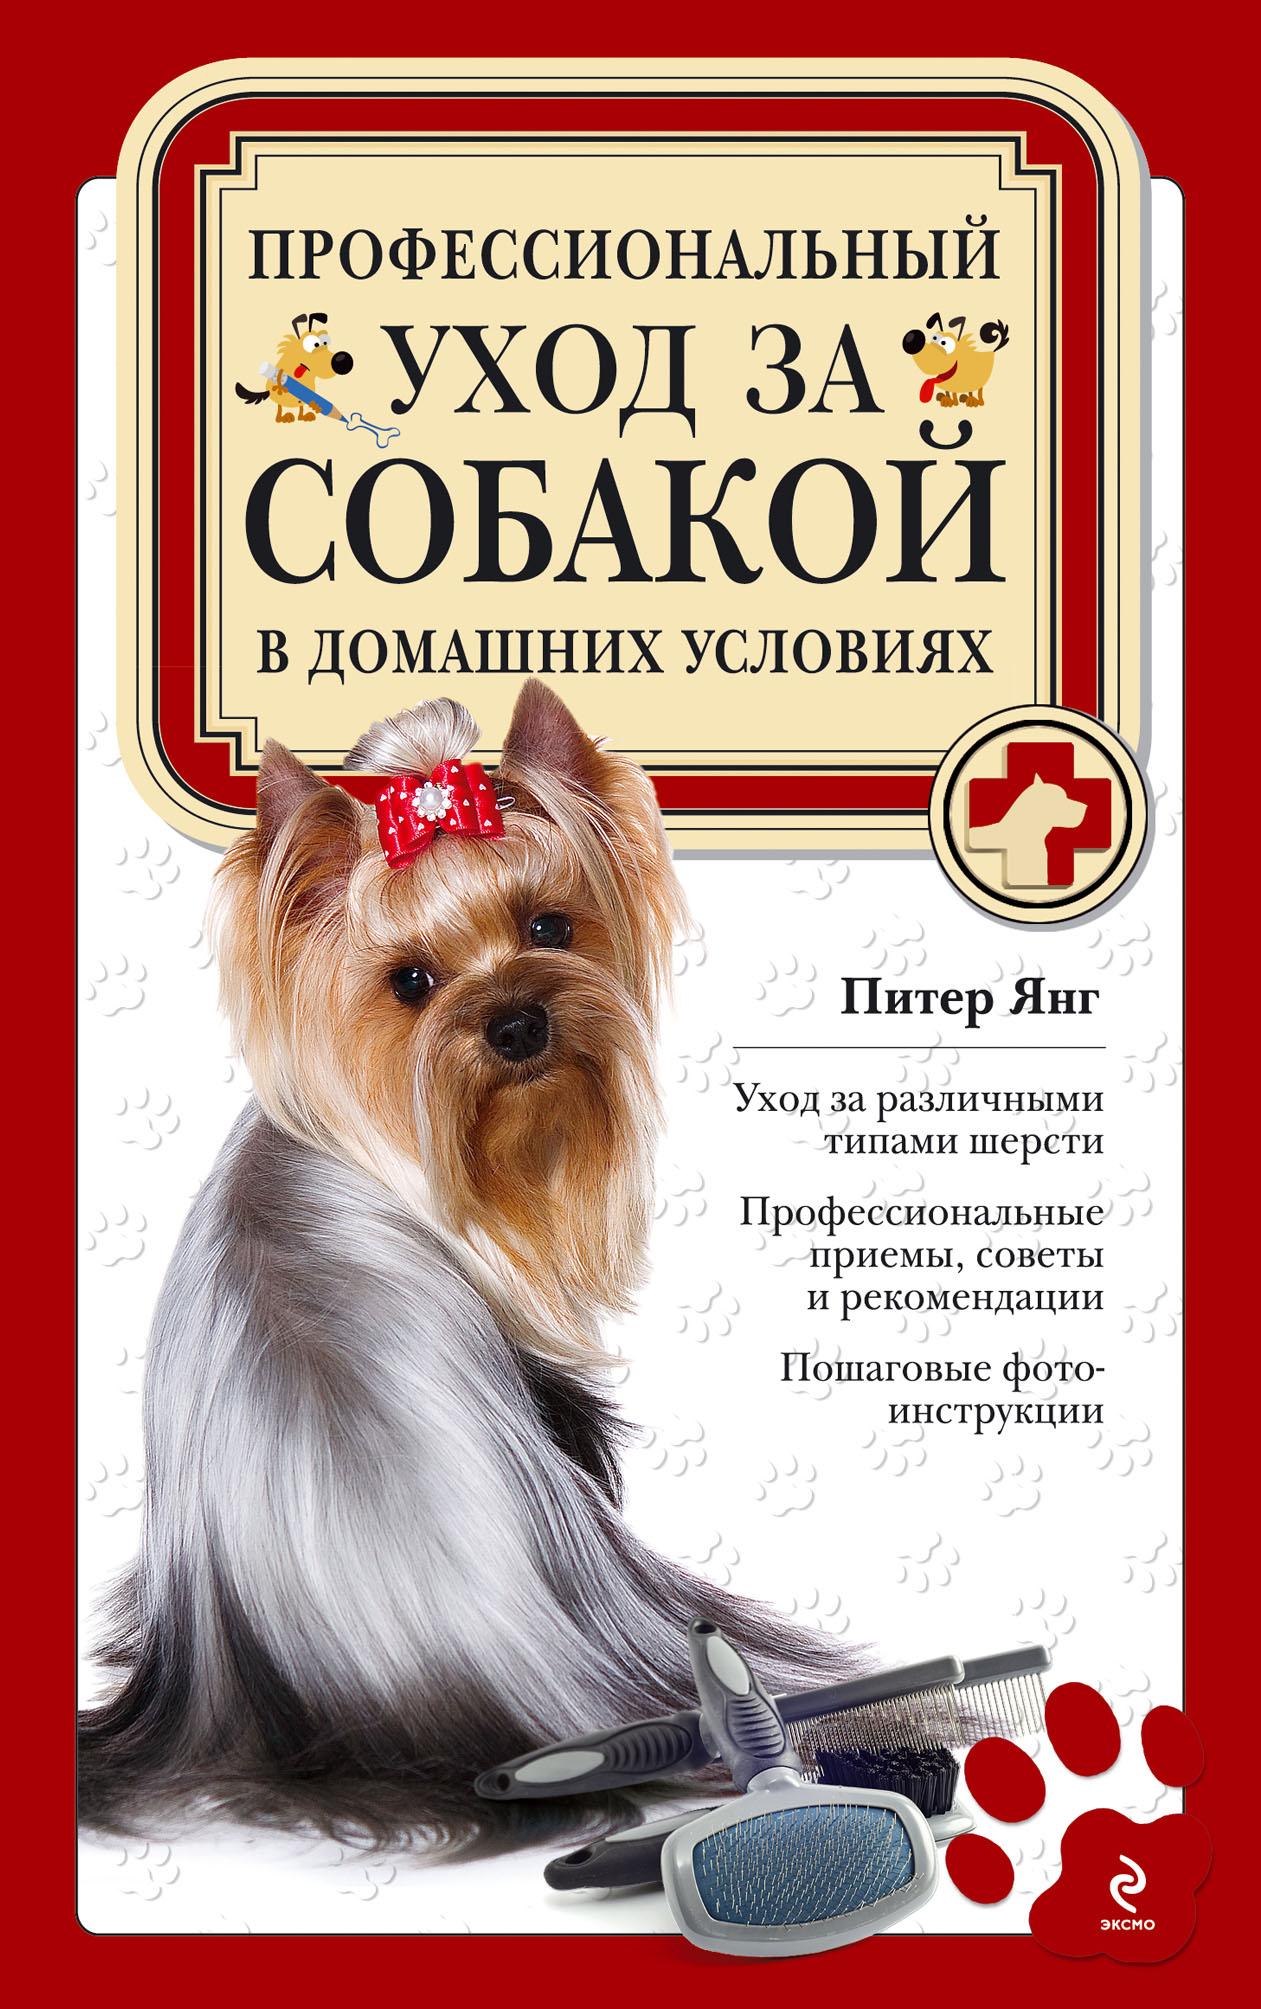 Питер Янг Профессиональный уход за собакой в домашних условиях уход за телом домашних условиях дневников